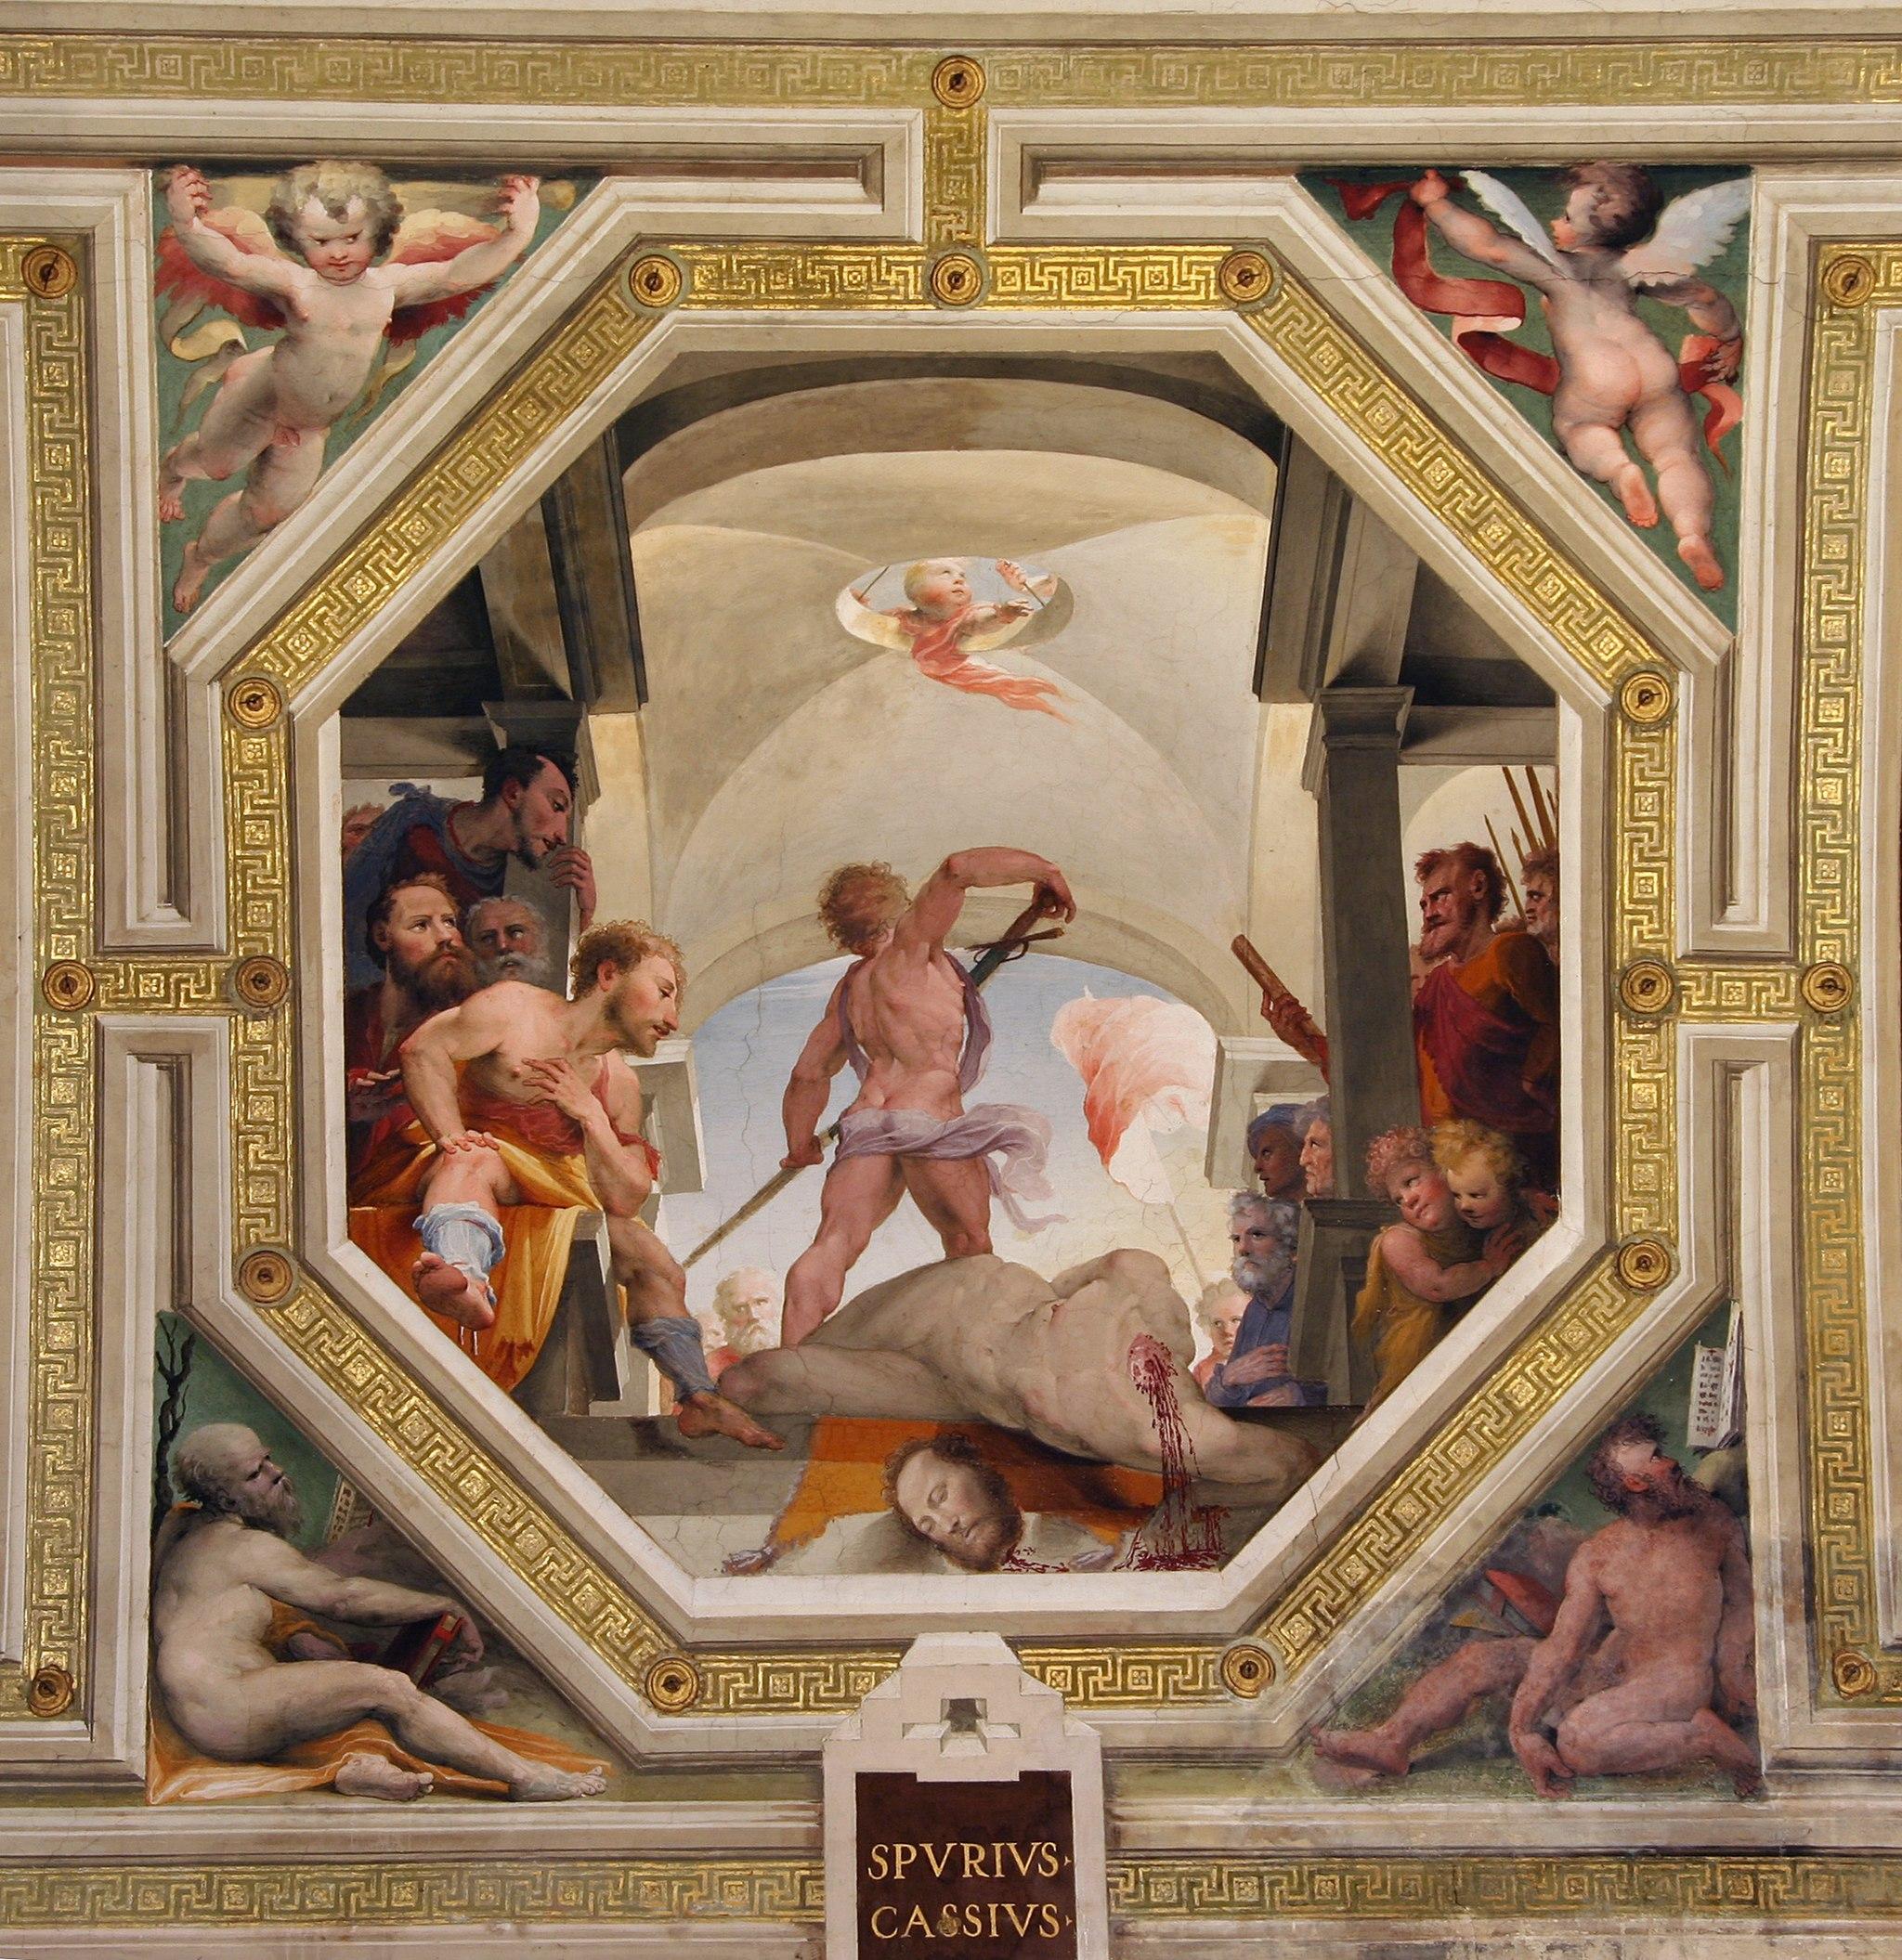 Spurius Cassius Vecillinus